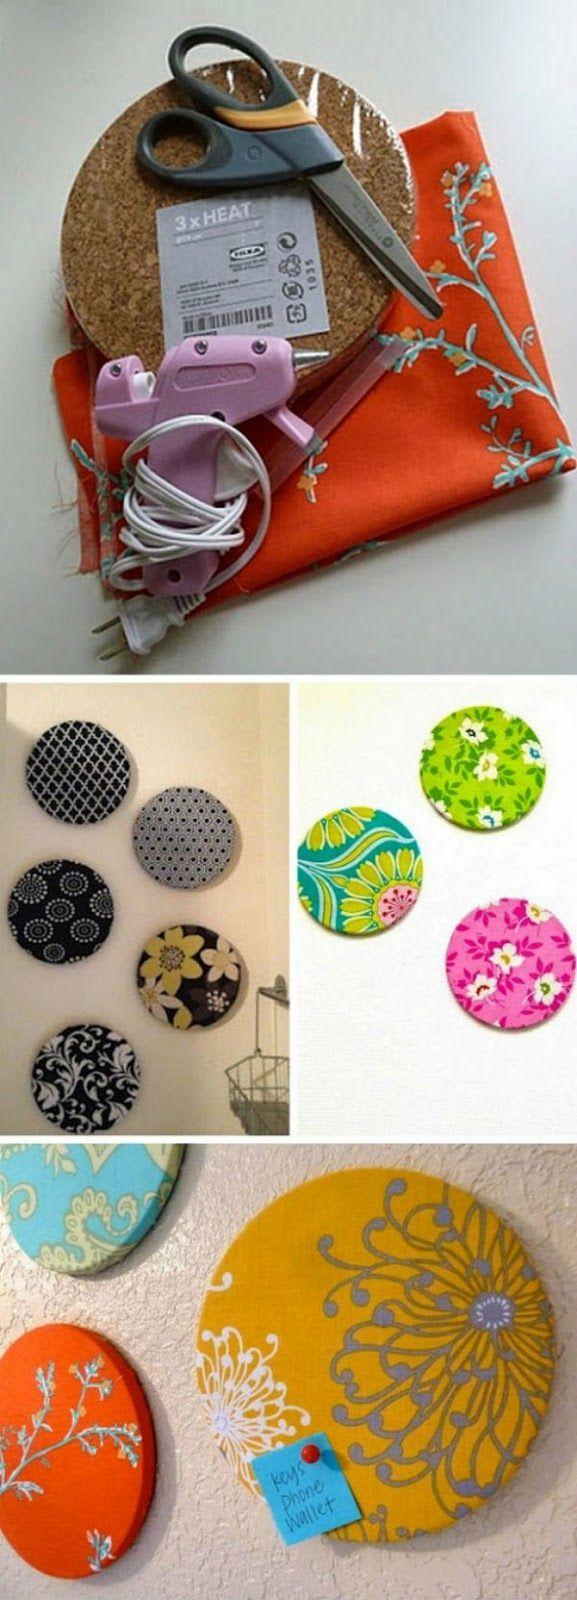 pontos de interesse: Ideias criativas para organizar e decorar #80 pontosdeinteresse2011.blogspot.com